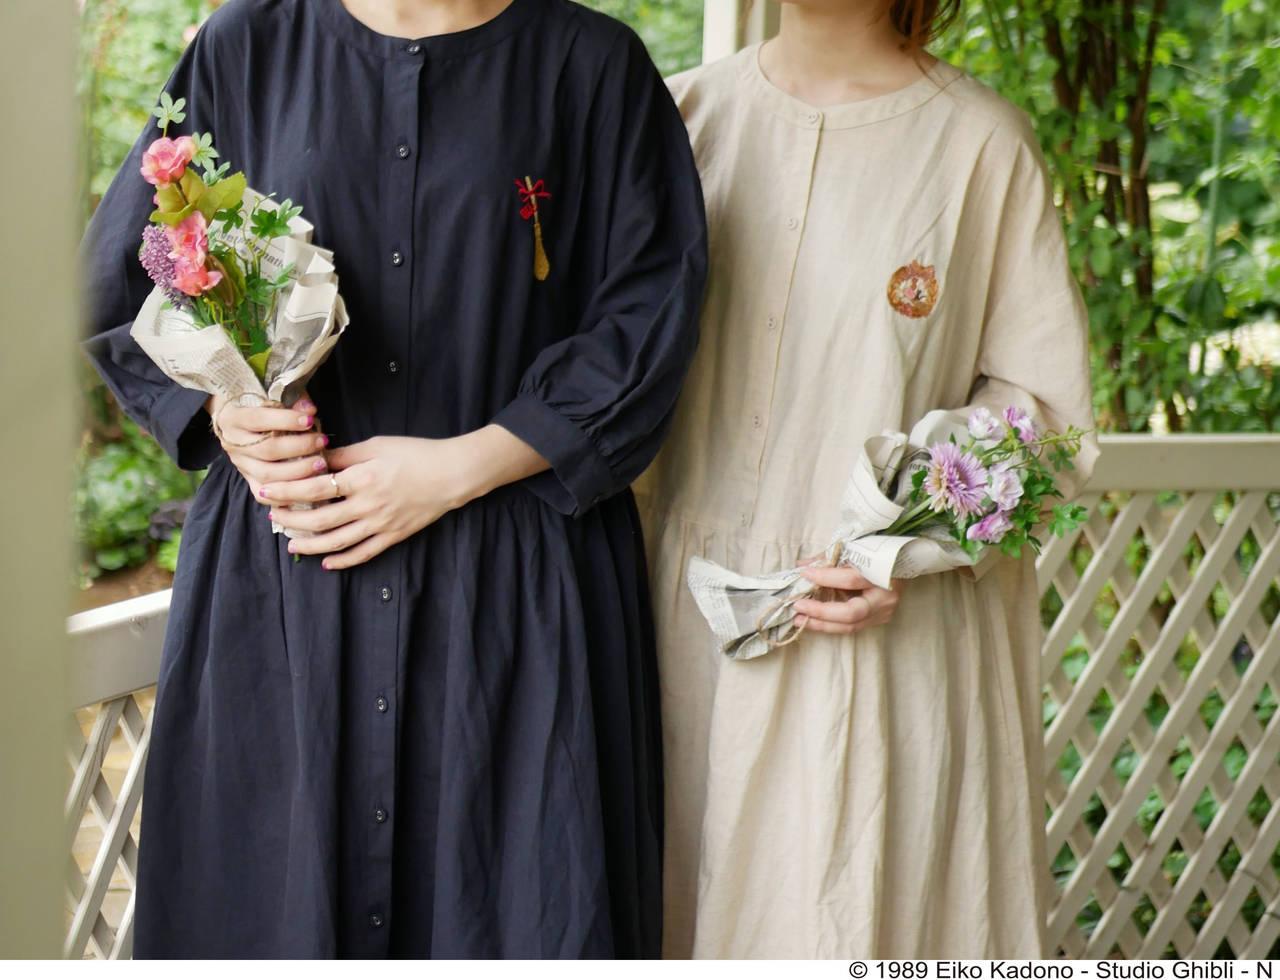 『魔女の宅急便』キキの魔女服をイメージしたワンピースが登場!